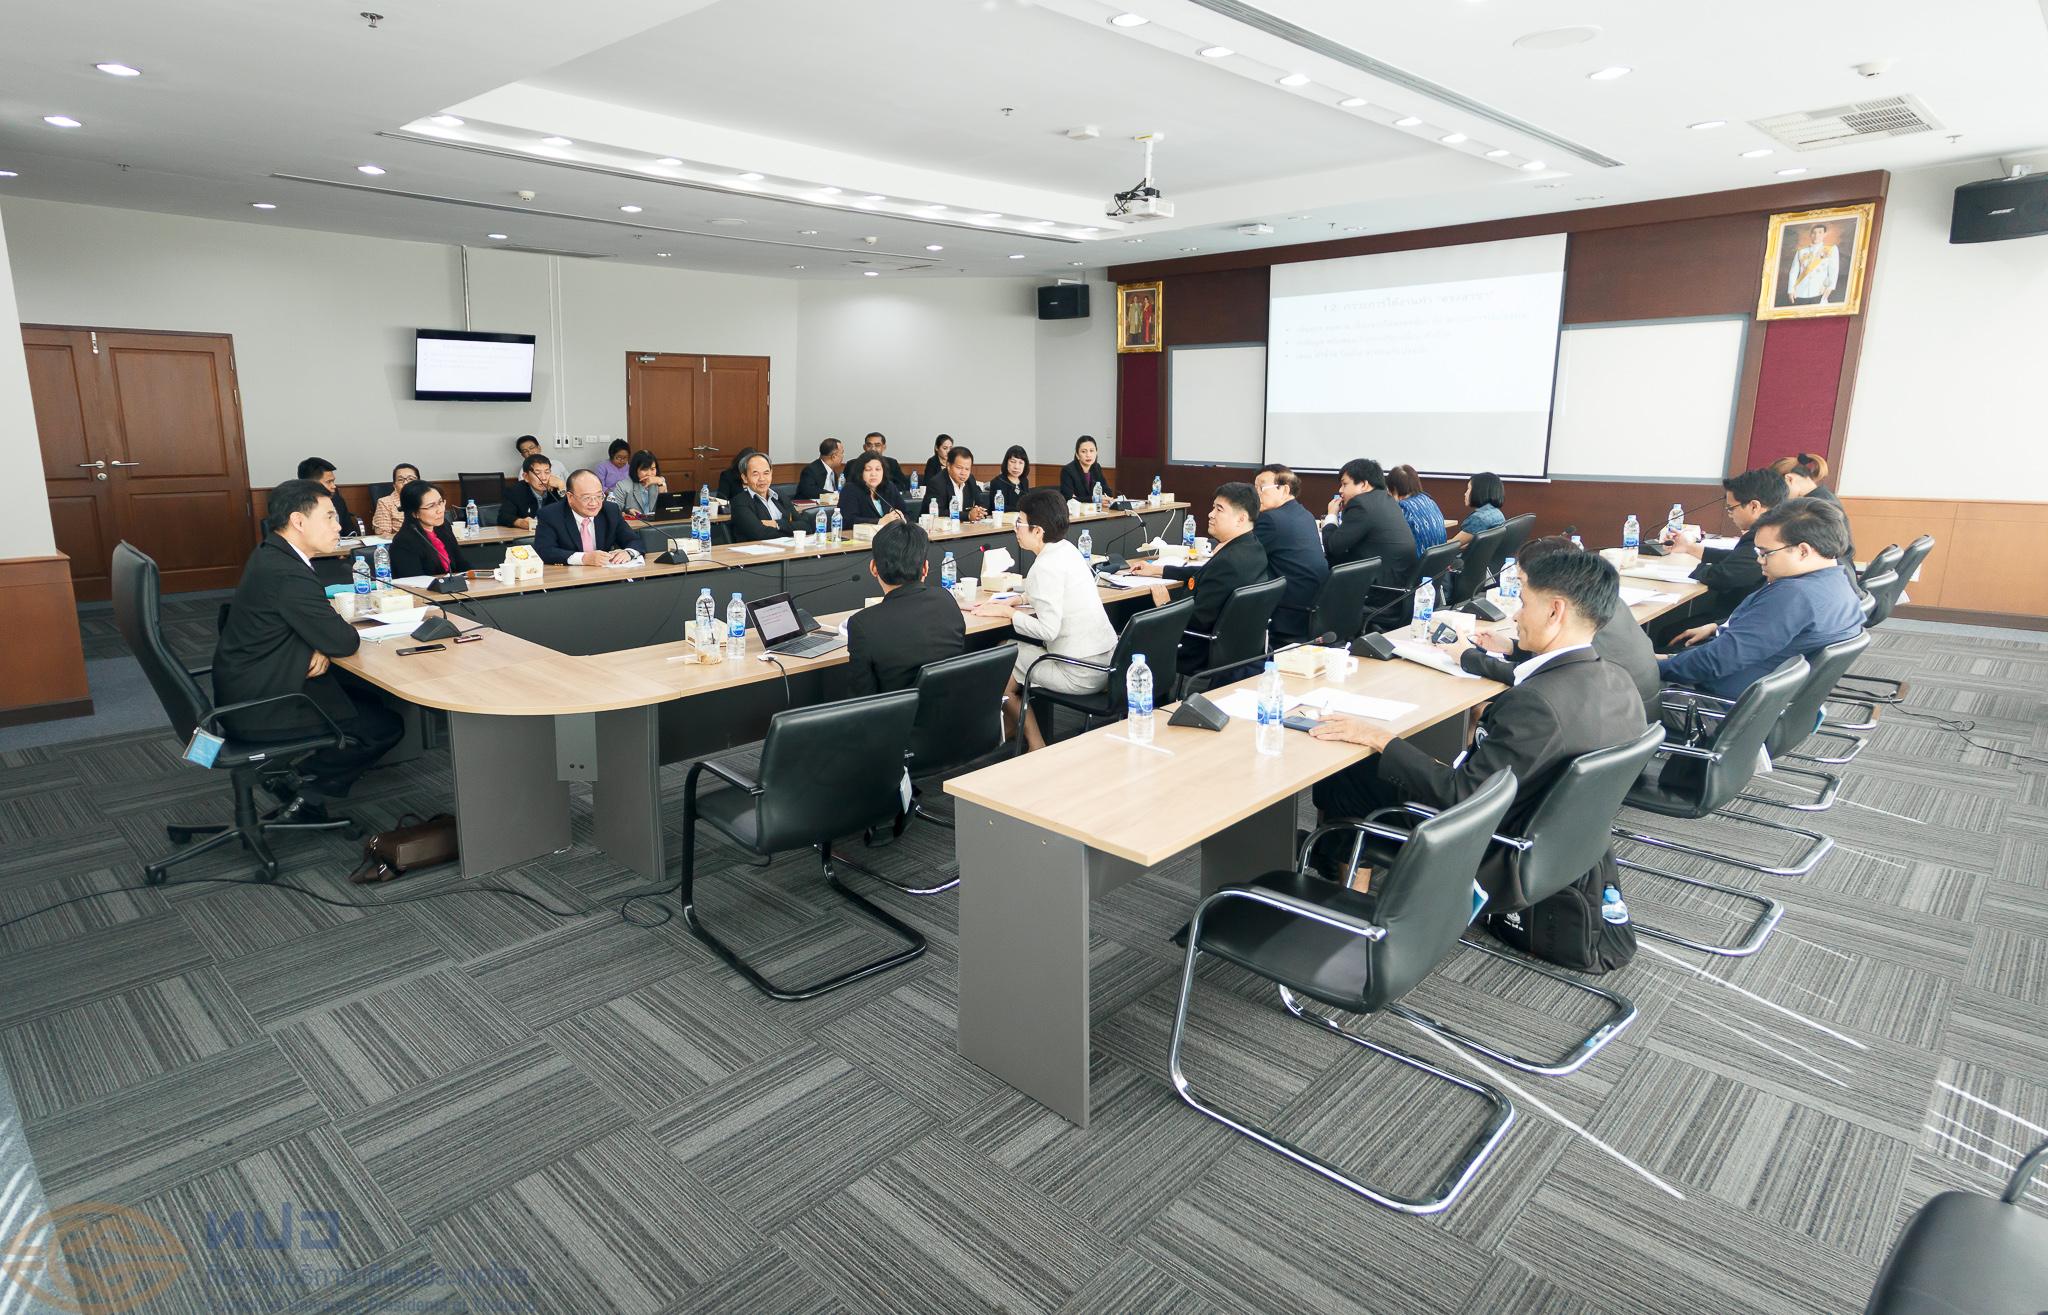 การประชุมคณะกรรมการแผนงานและกลยุทธ์ ครั้งที่ 1/2560